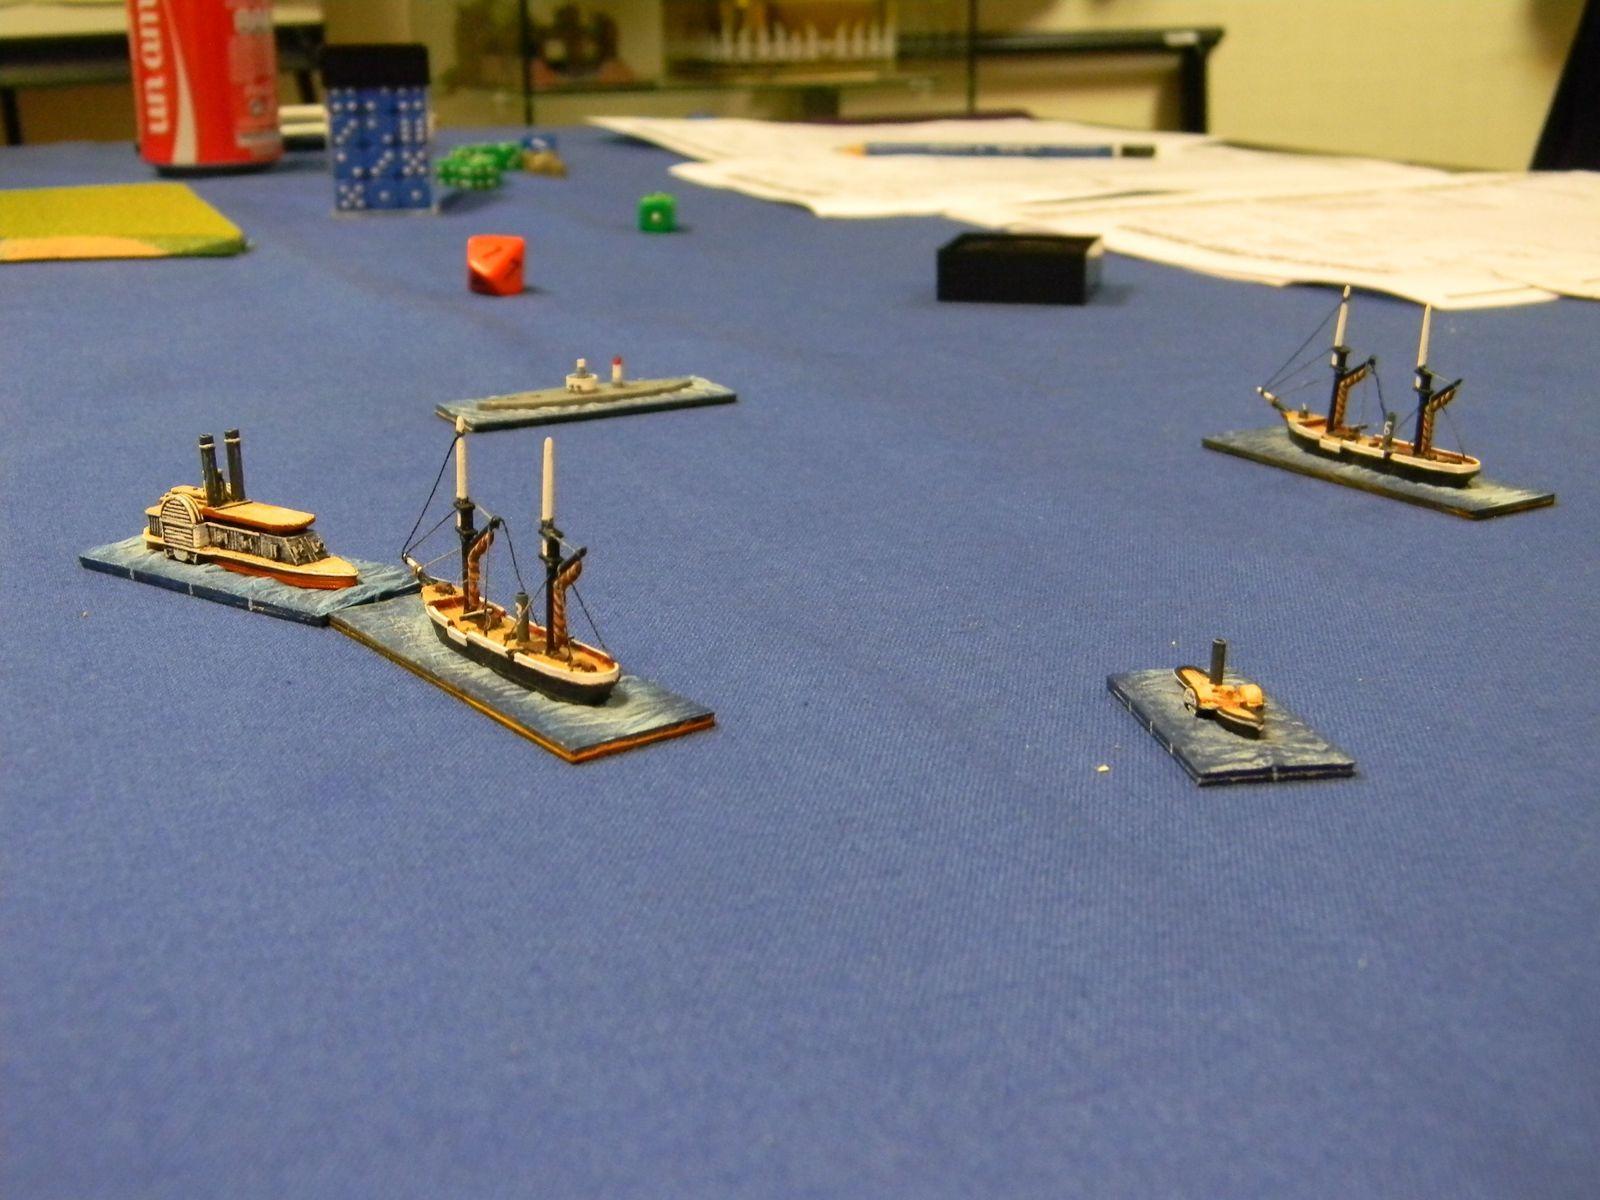 """le microscopique """"Little Rebel"""" (au centre) faisant tourner en bourrique 4 navires fédéraux bien plus puissants que lui, esquivant leurs tirs par sa petite taille et sa vitesse, et finissant par provoquer une collision parmi eux..."""